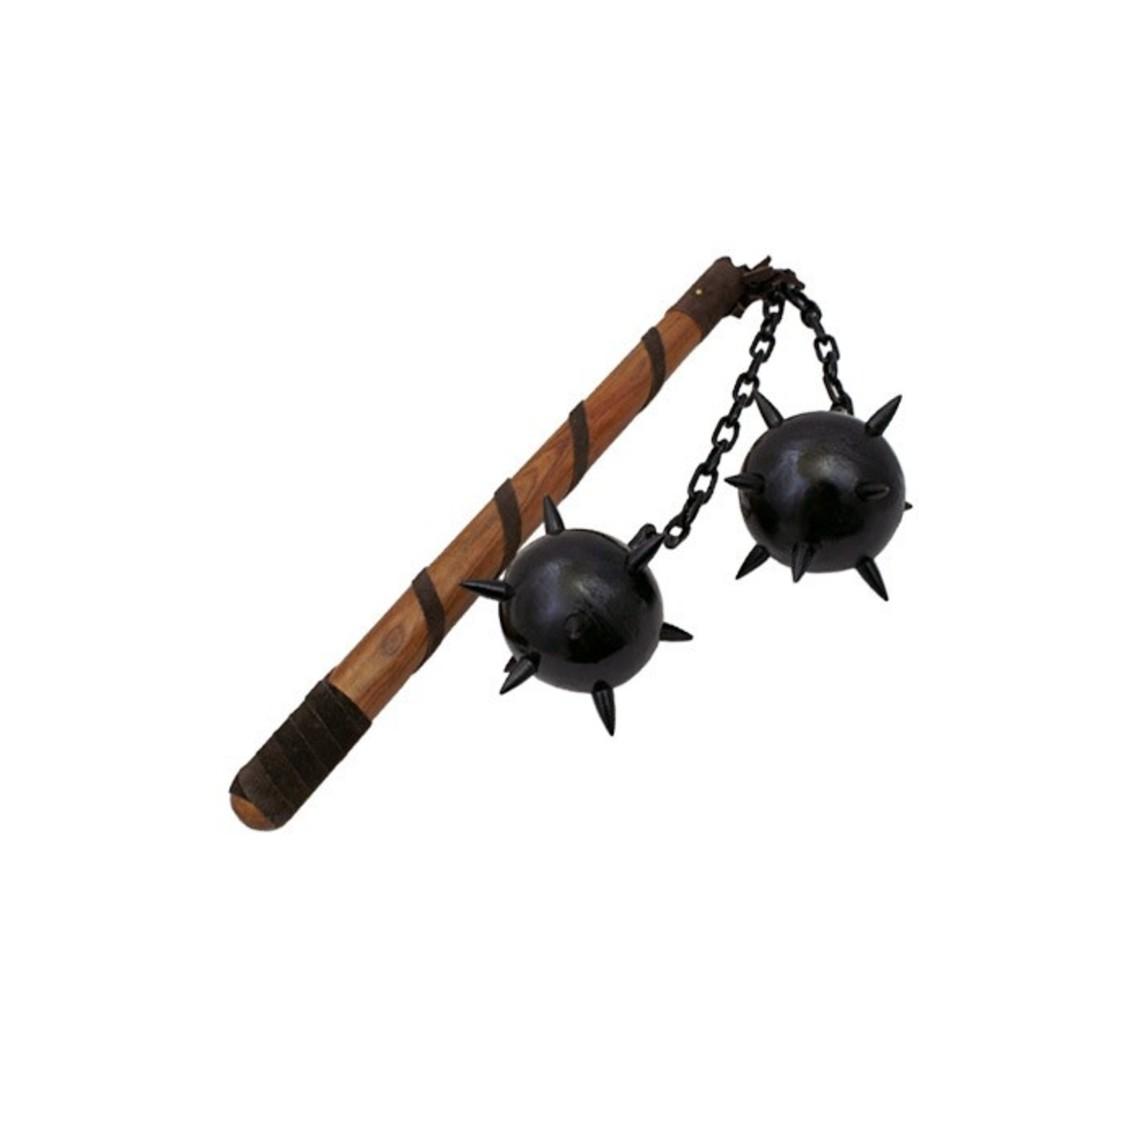 Fléau d'armes avec deux balles